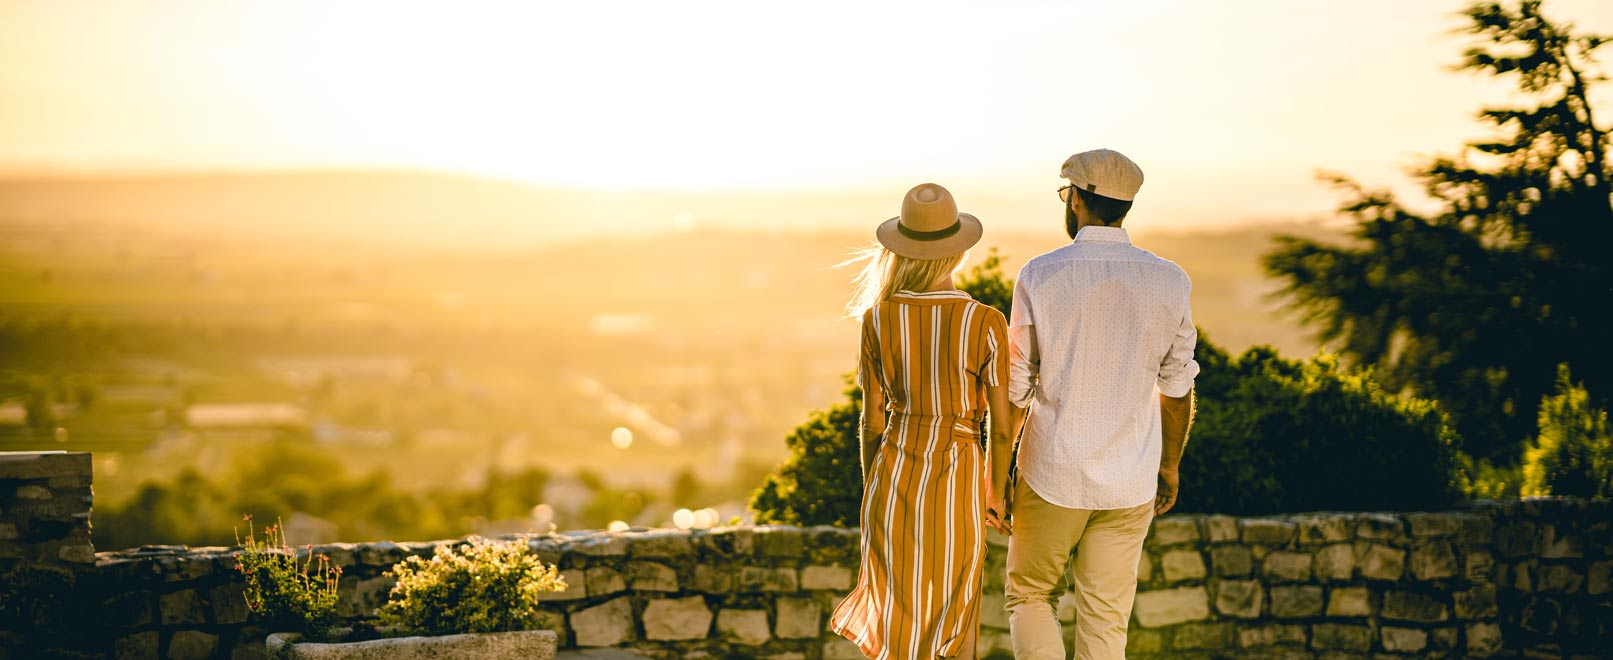 Die besten Plätze, um Sonnenauf- und Sonnenuntergänge zu bewundern © OBrien